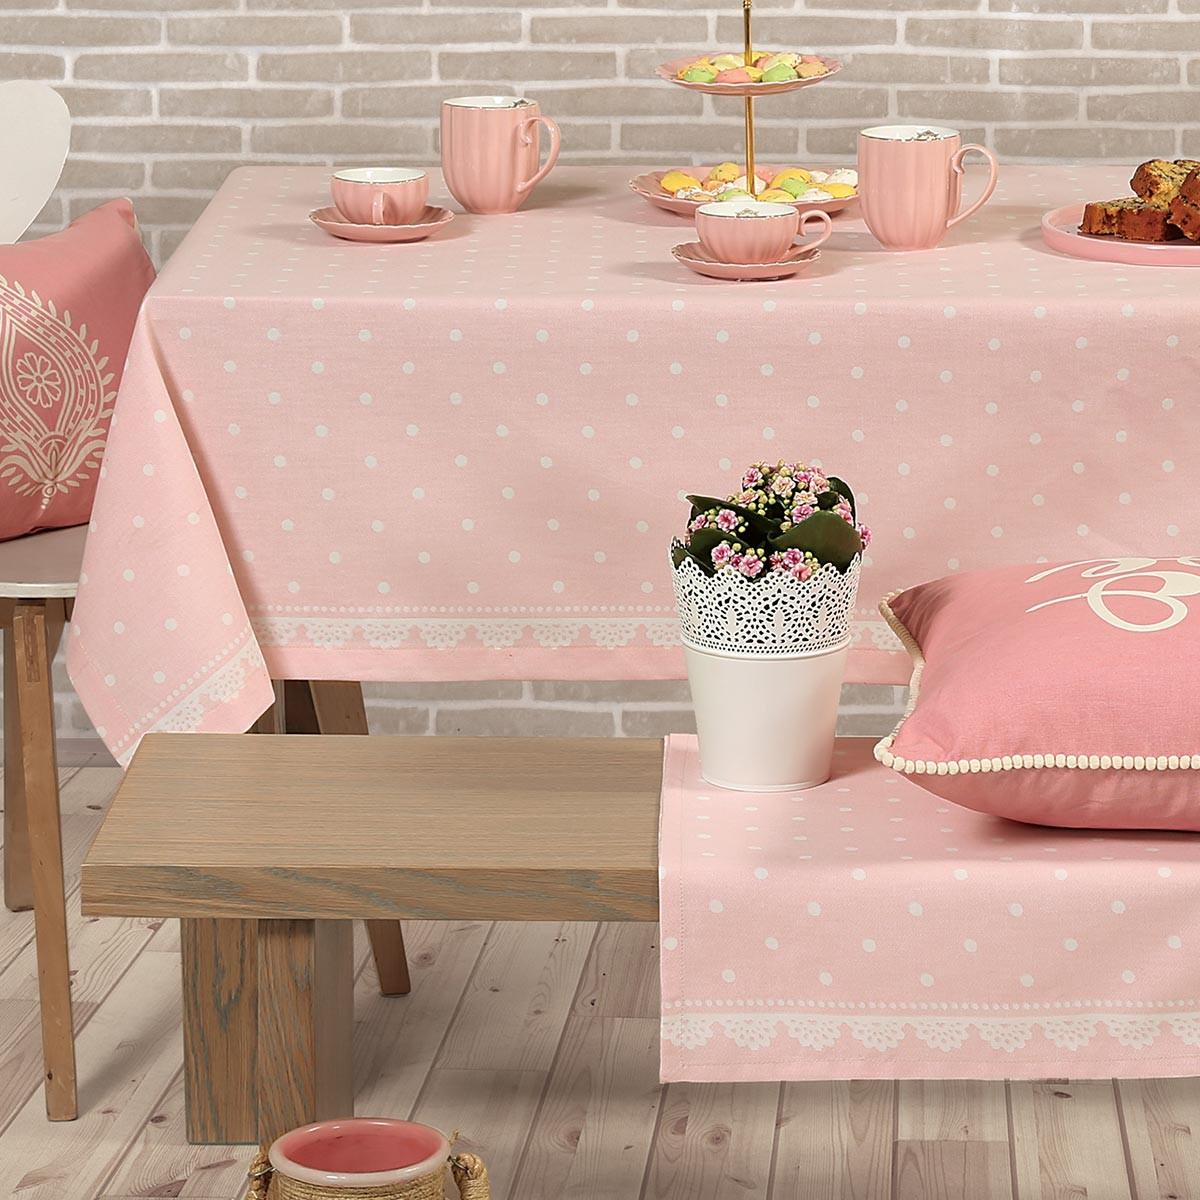 Τραπεζομάντηλο (140×140) Nef-Nef Romantic Pink